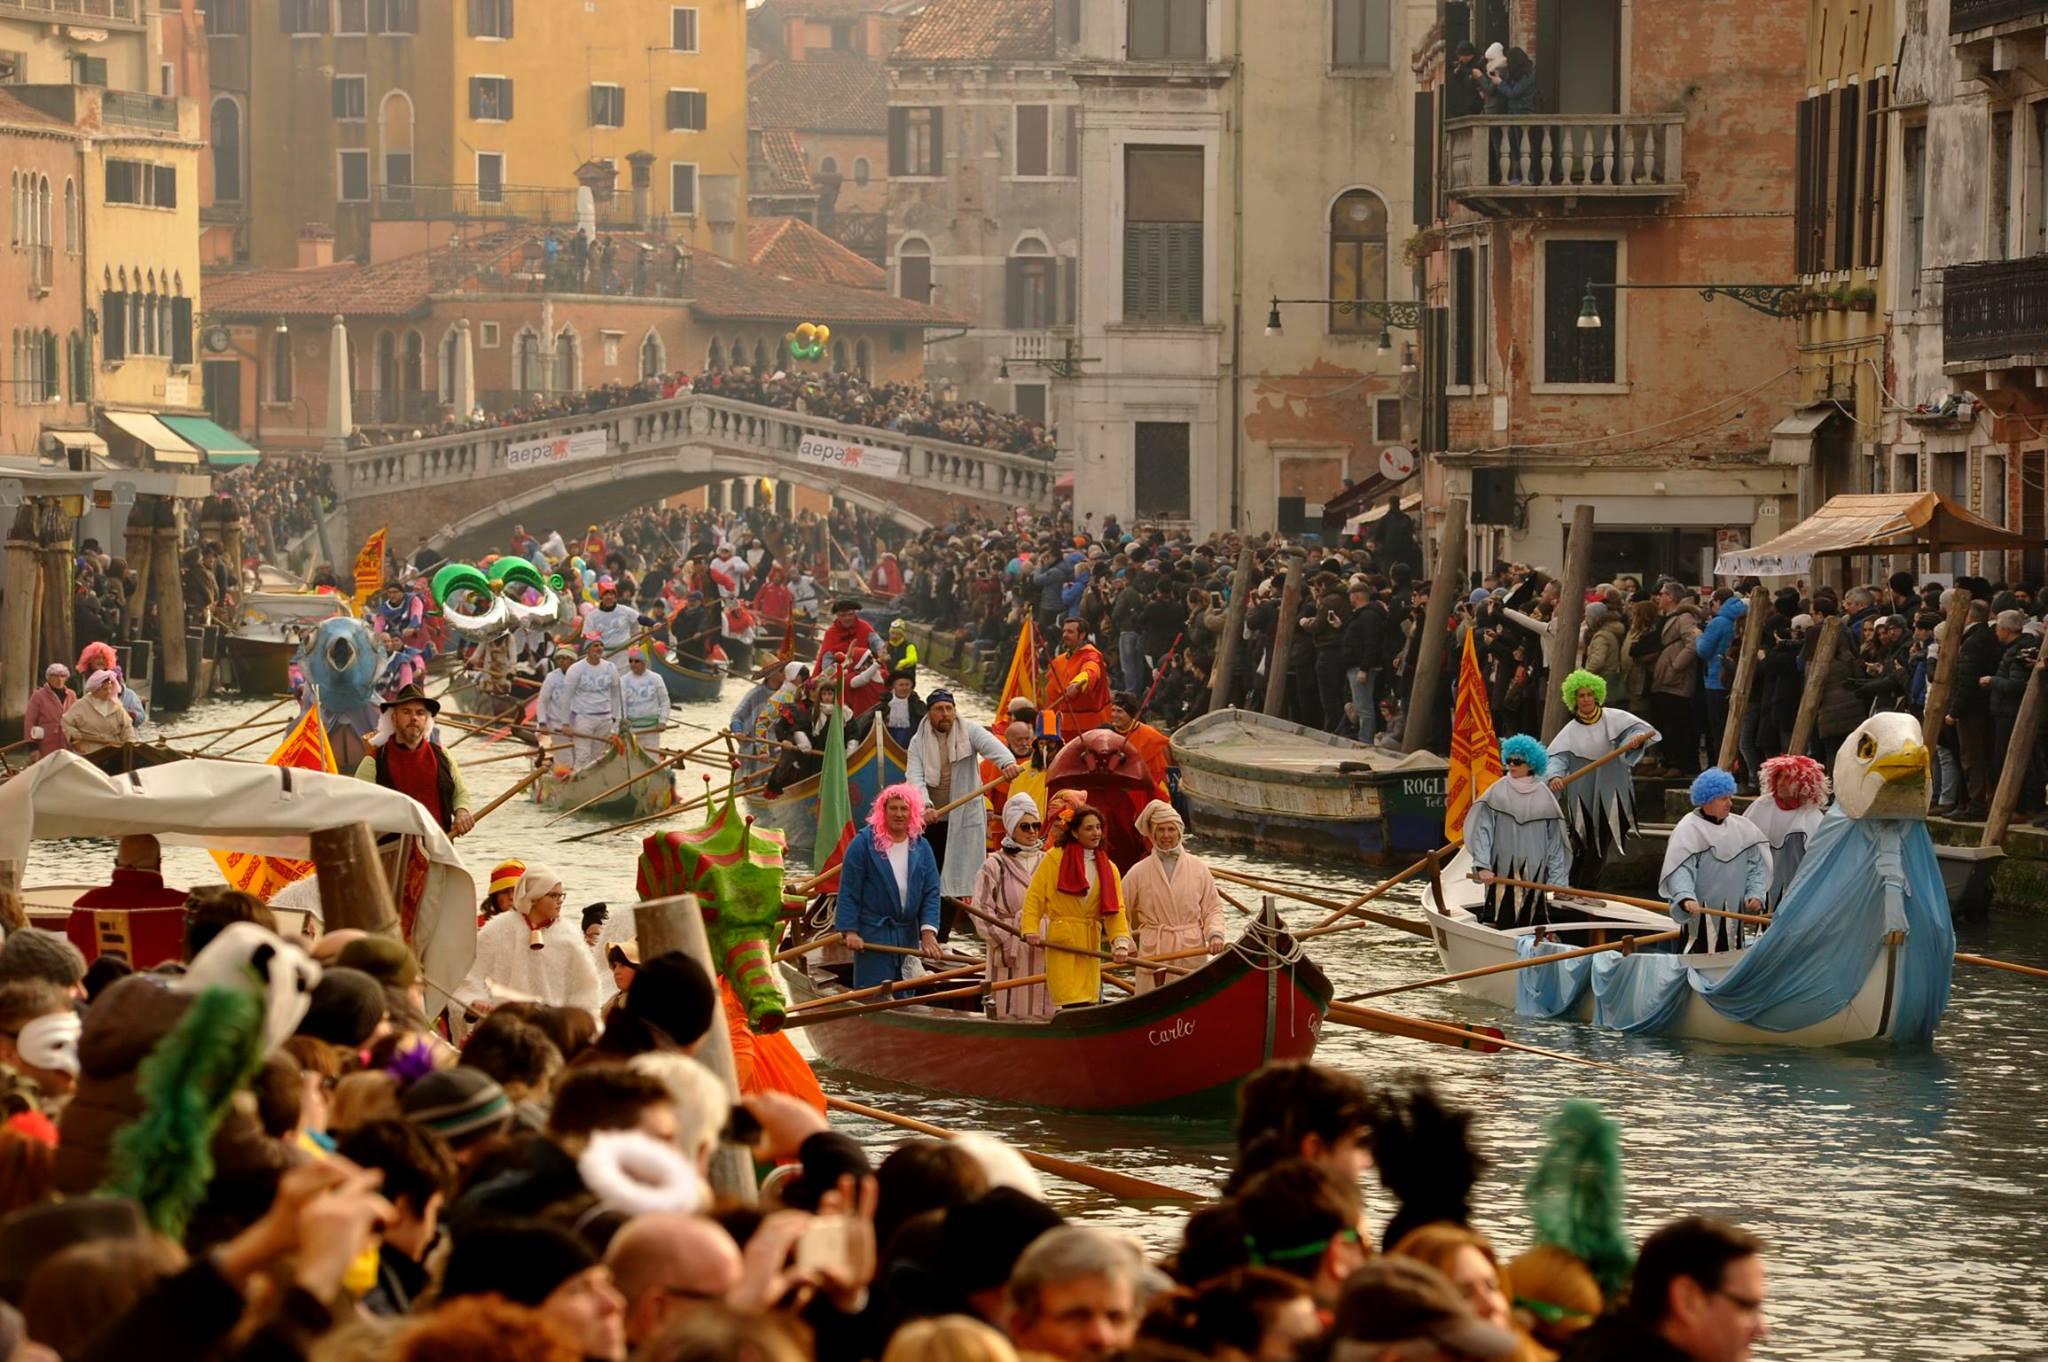 ¡El Carnaval de Venecia! - El Gancho